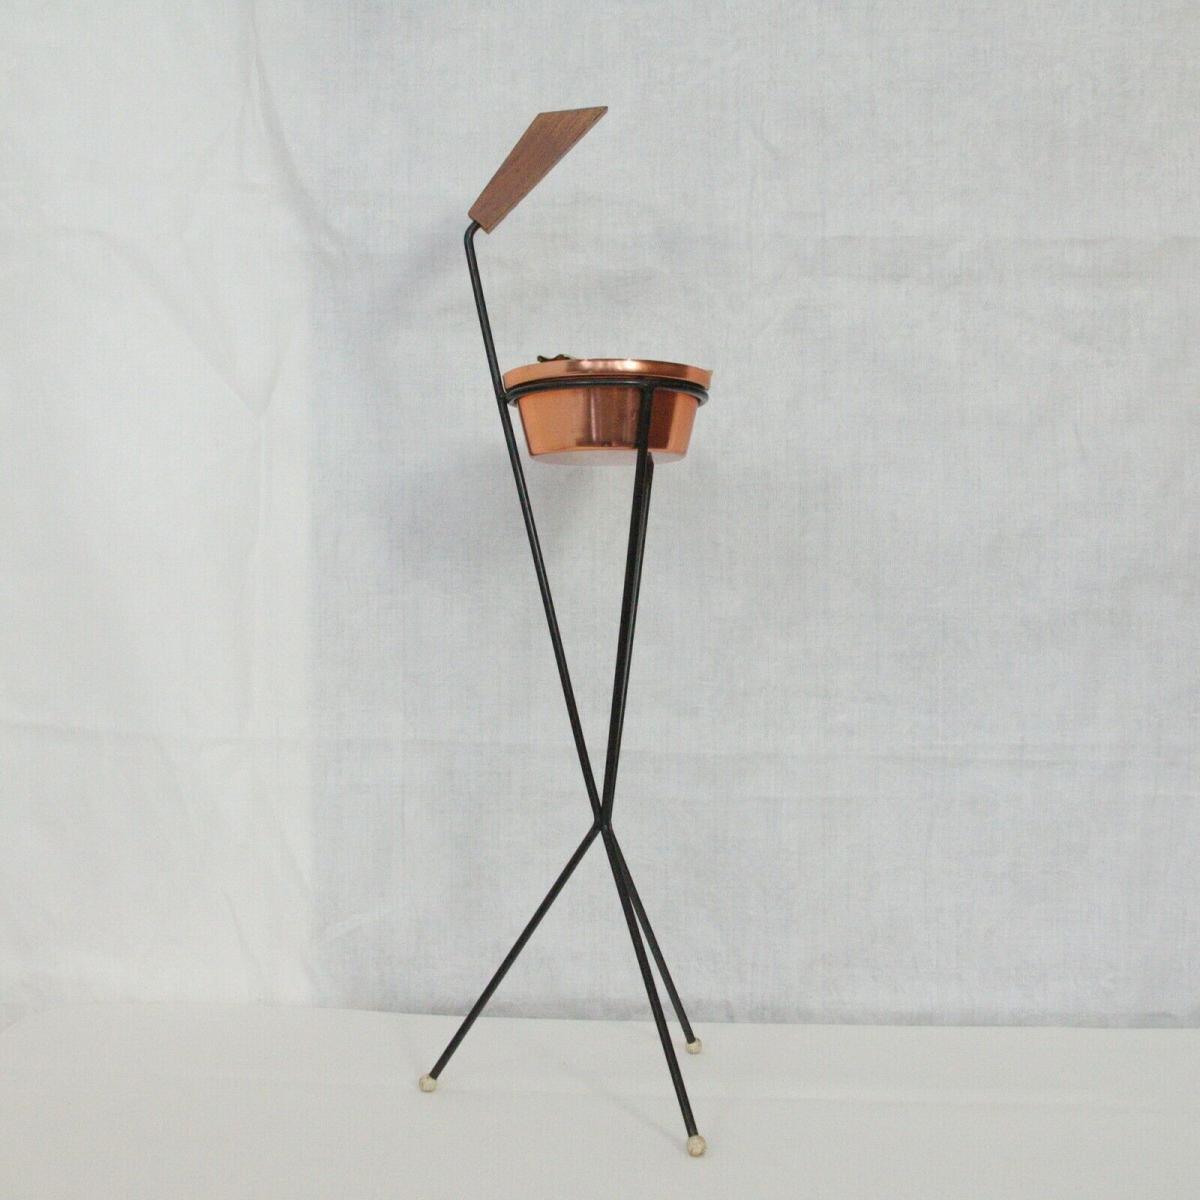 Vintage Standascher Aschenbecher Ash Tray im String Stil Kupfer 50er 60er Jahre 0